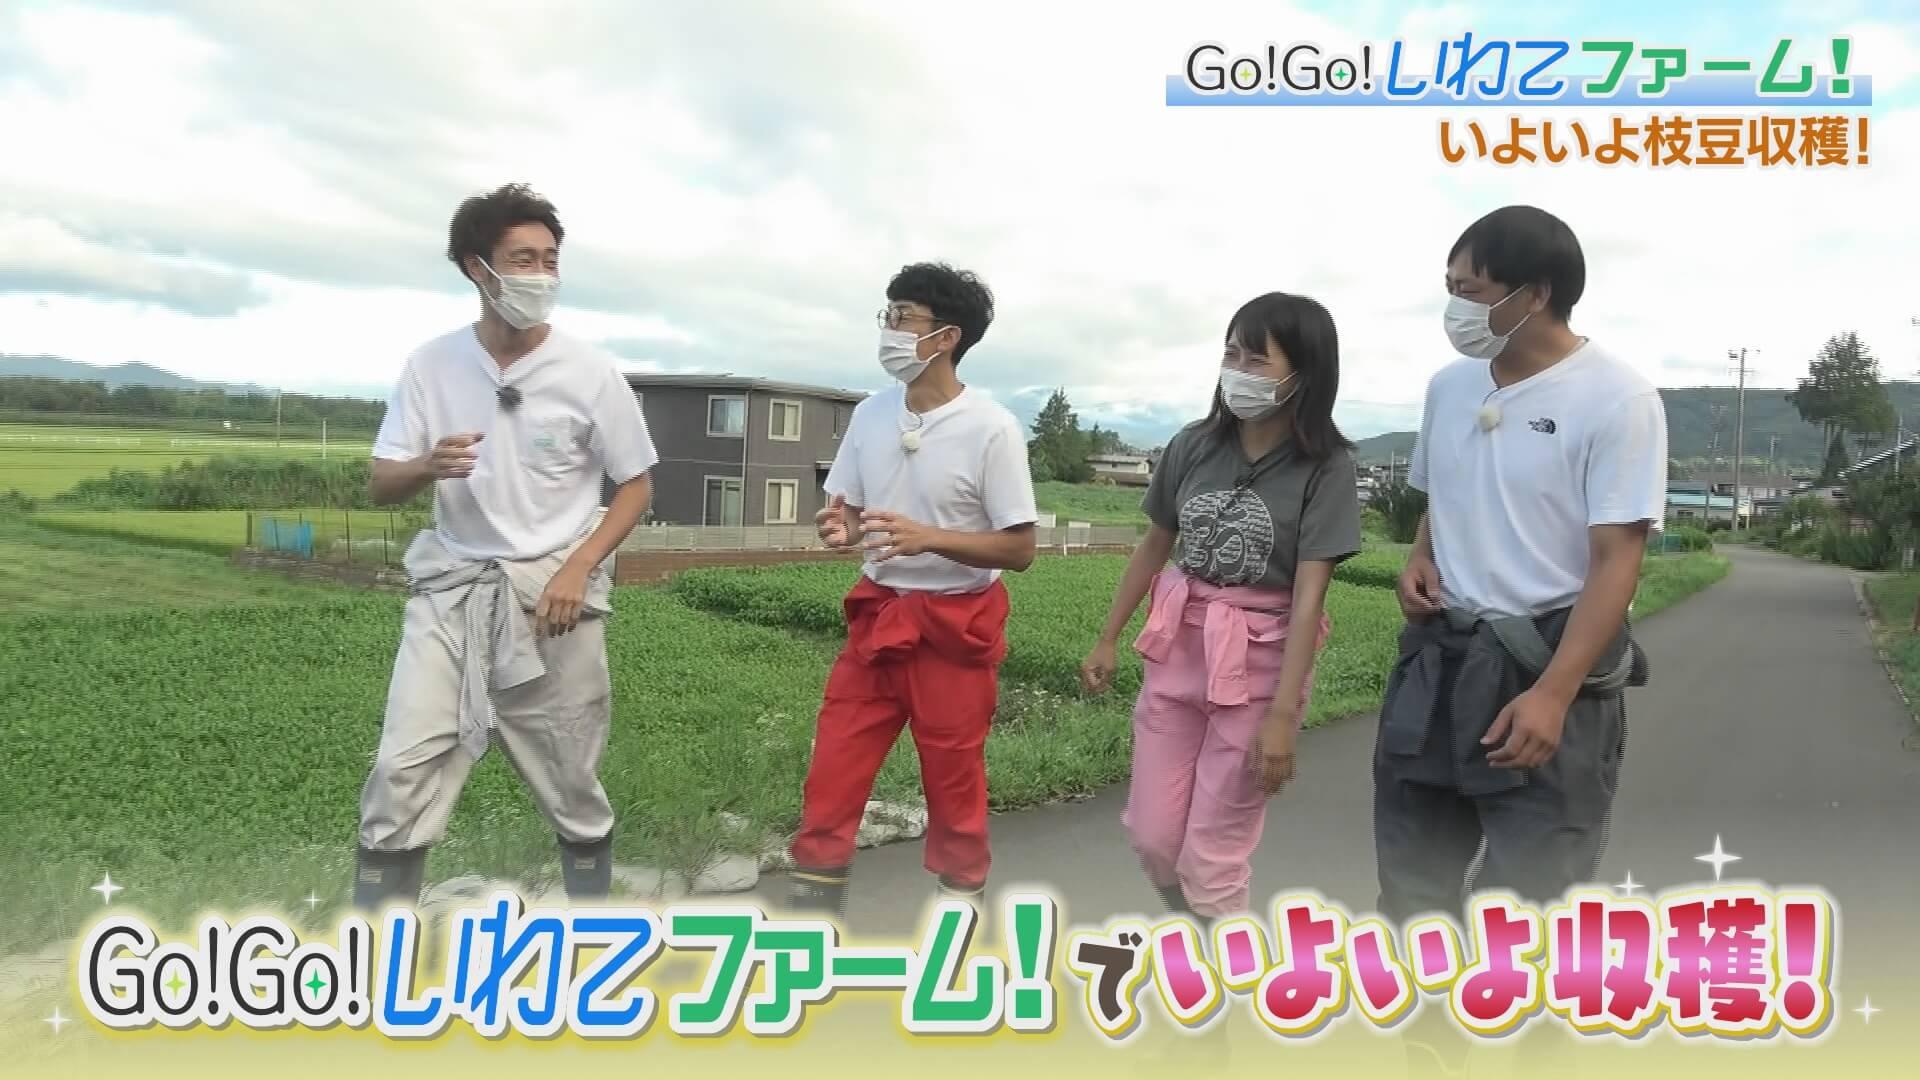 Go!Go!いわてファーム 枝豆収穫